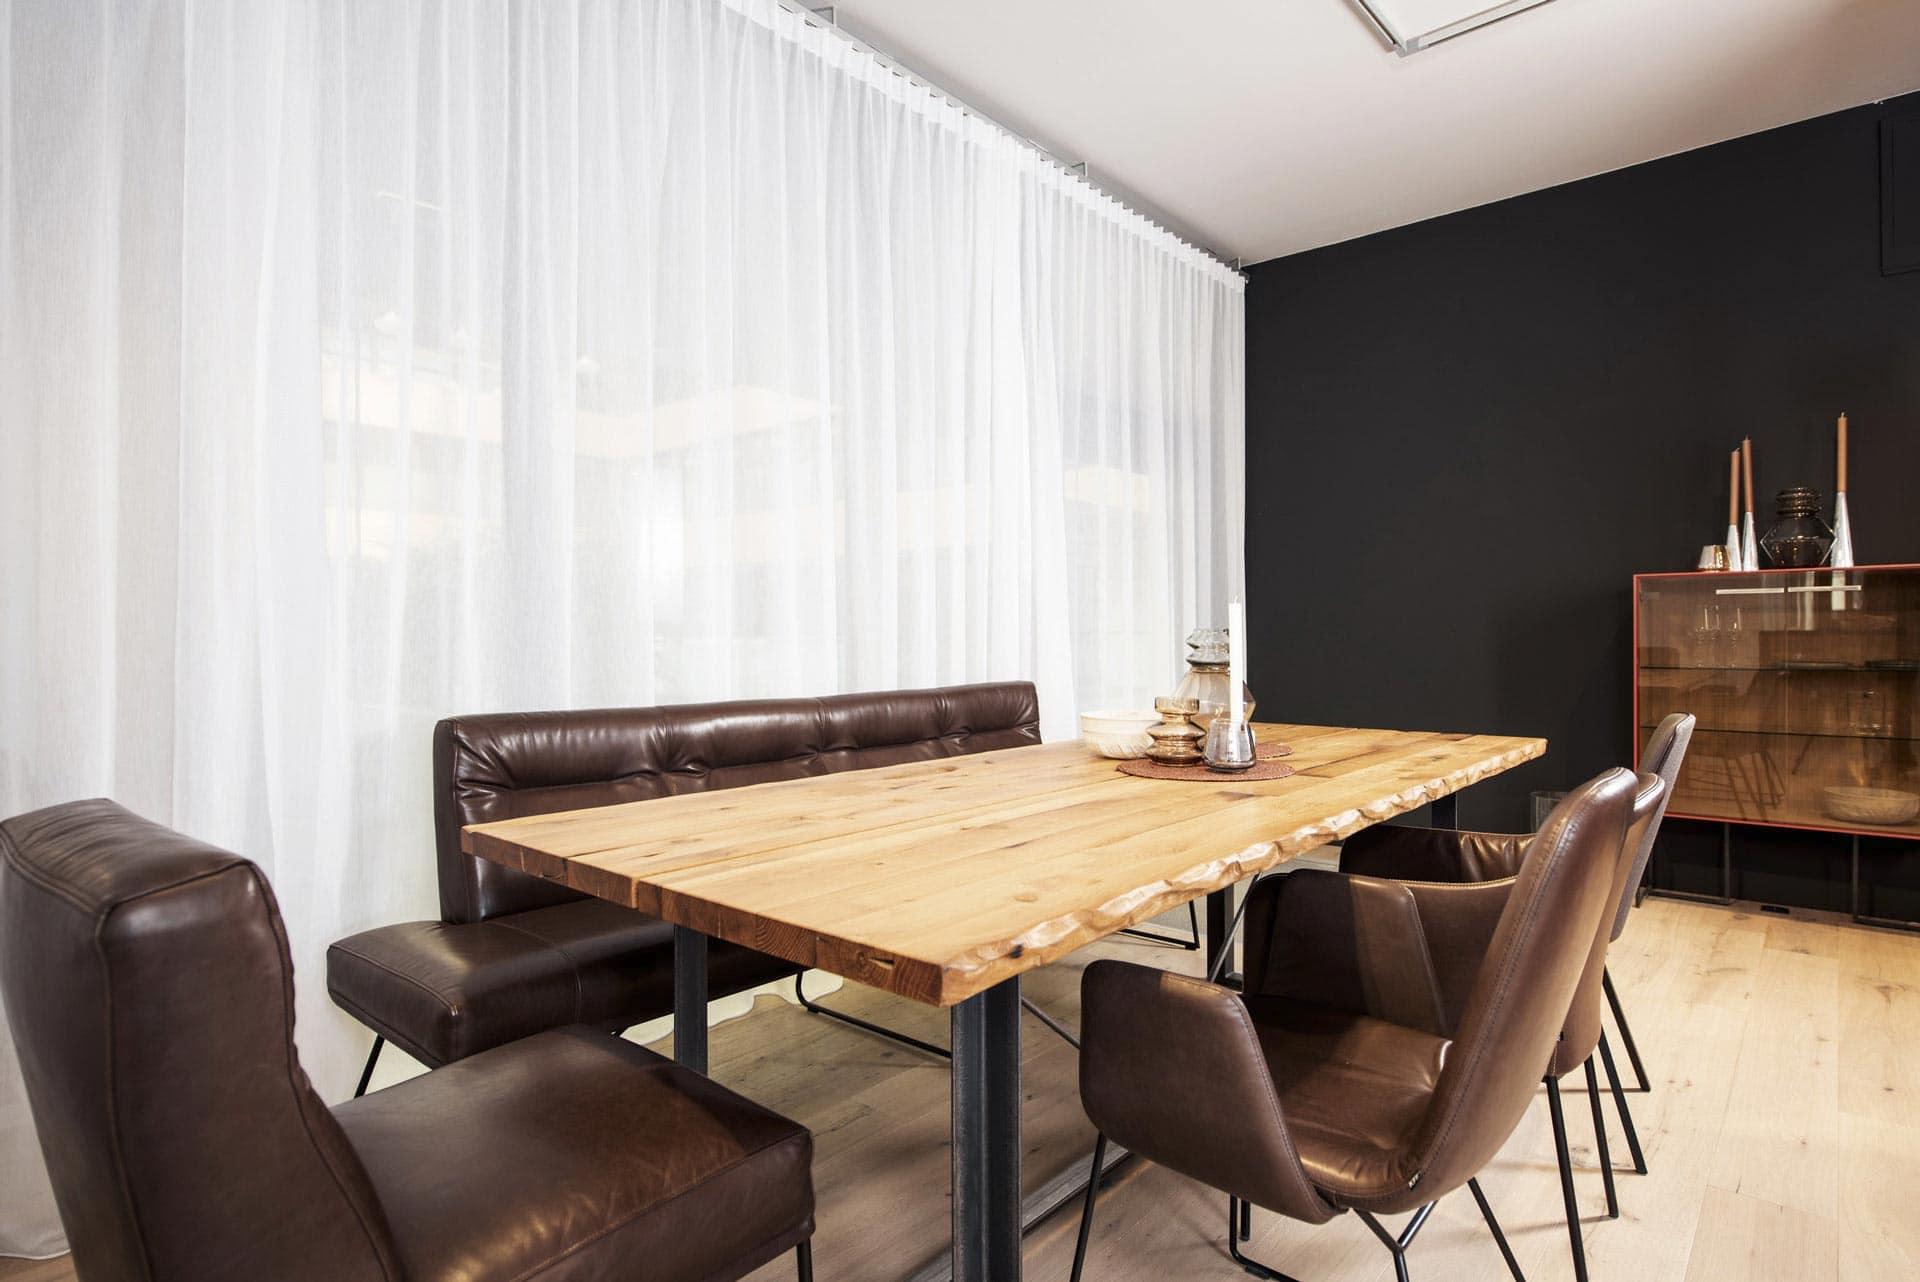 couchzone - Interior Design Innsbruck - Holztisch Sitzgruppe